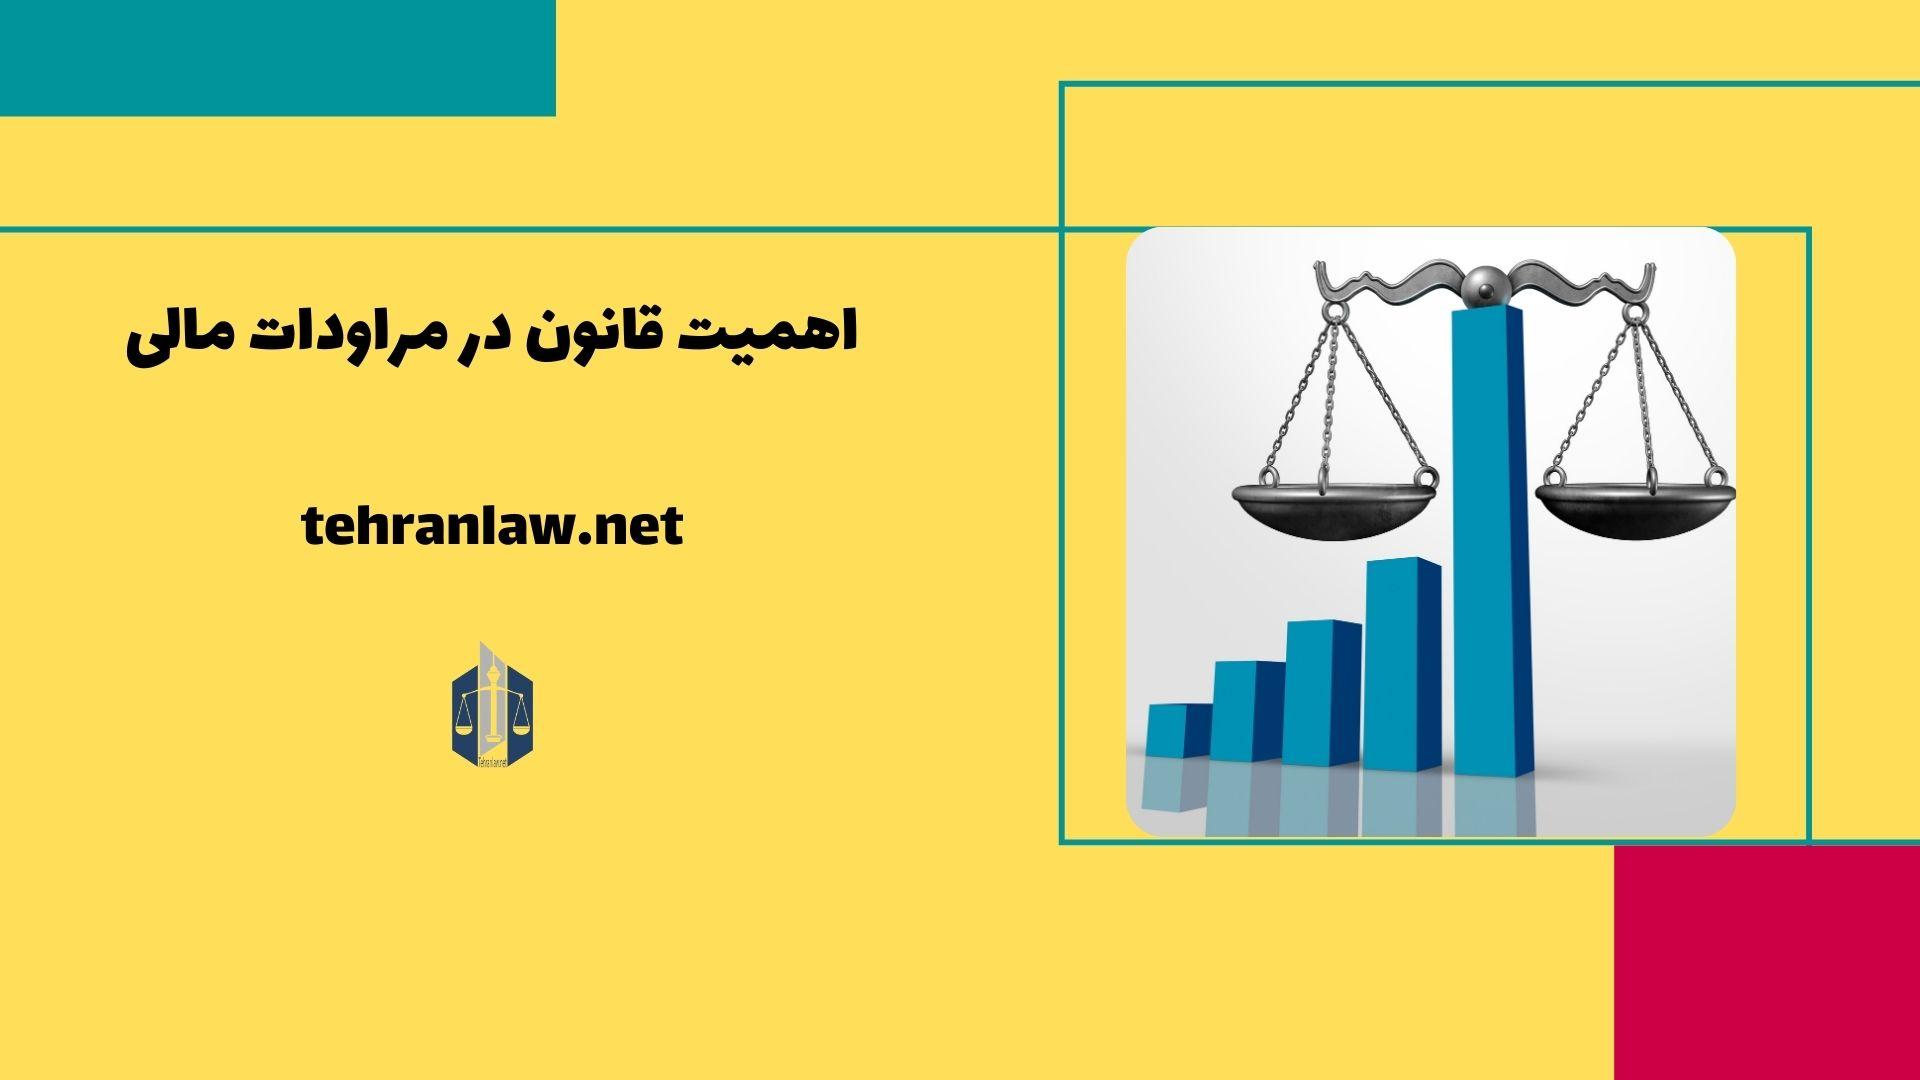 اهمیت قانون در مراودات مالی